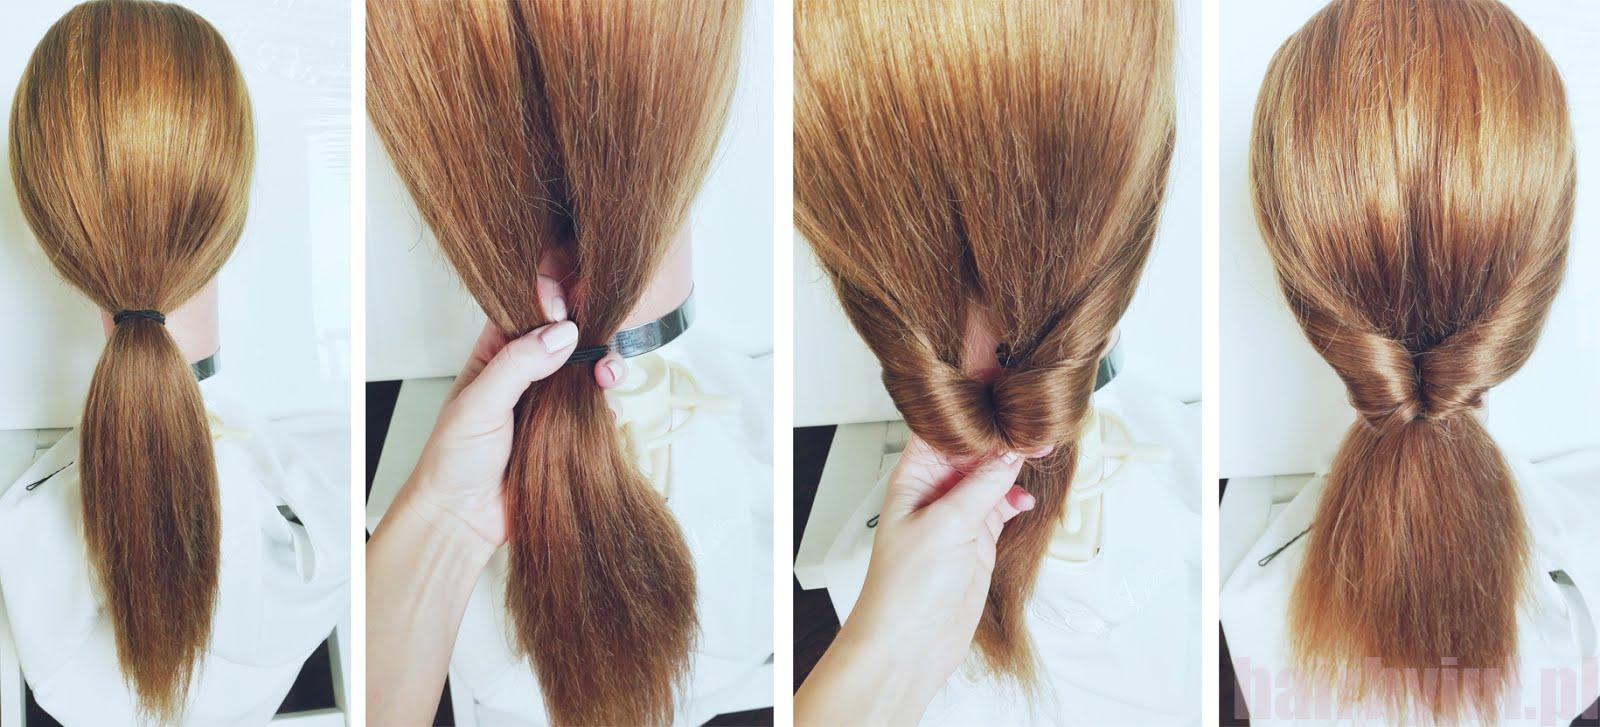 Fryzura W 5 Minut łatwy Koczek Krok Po Kroku Hair By Jul